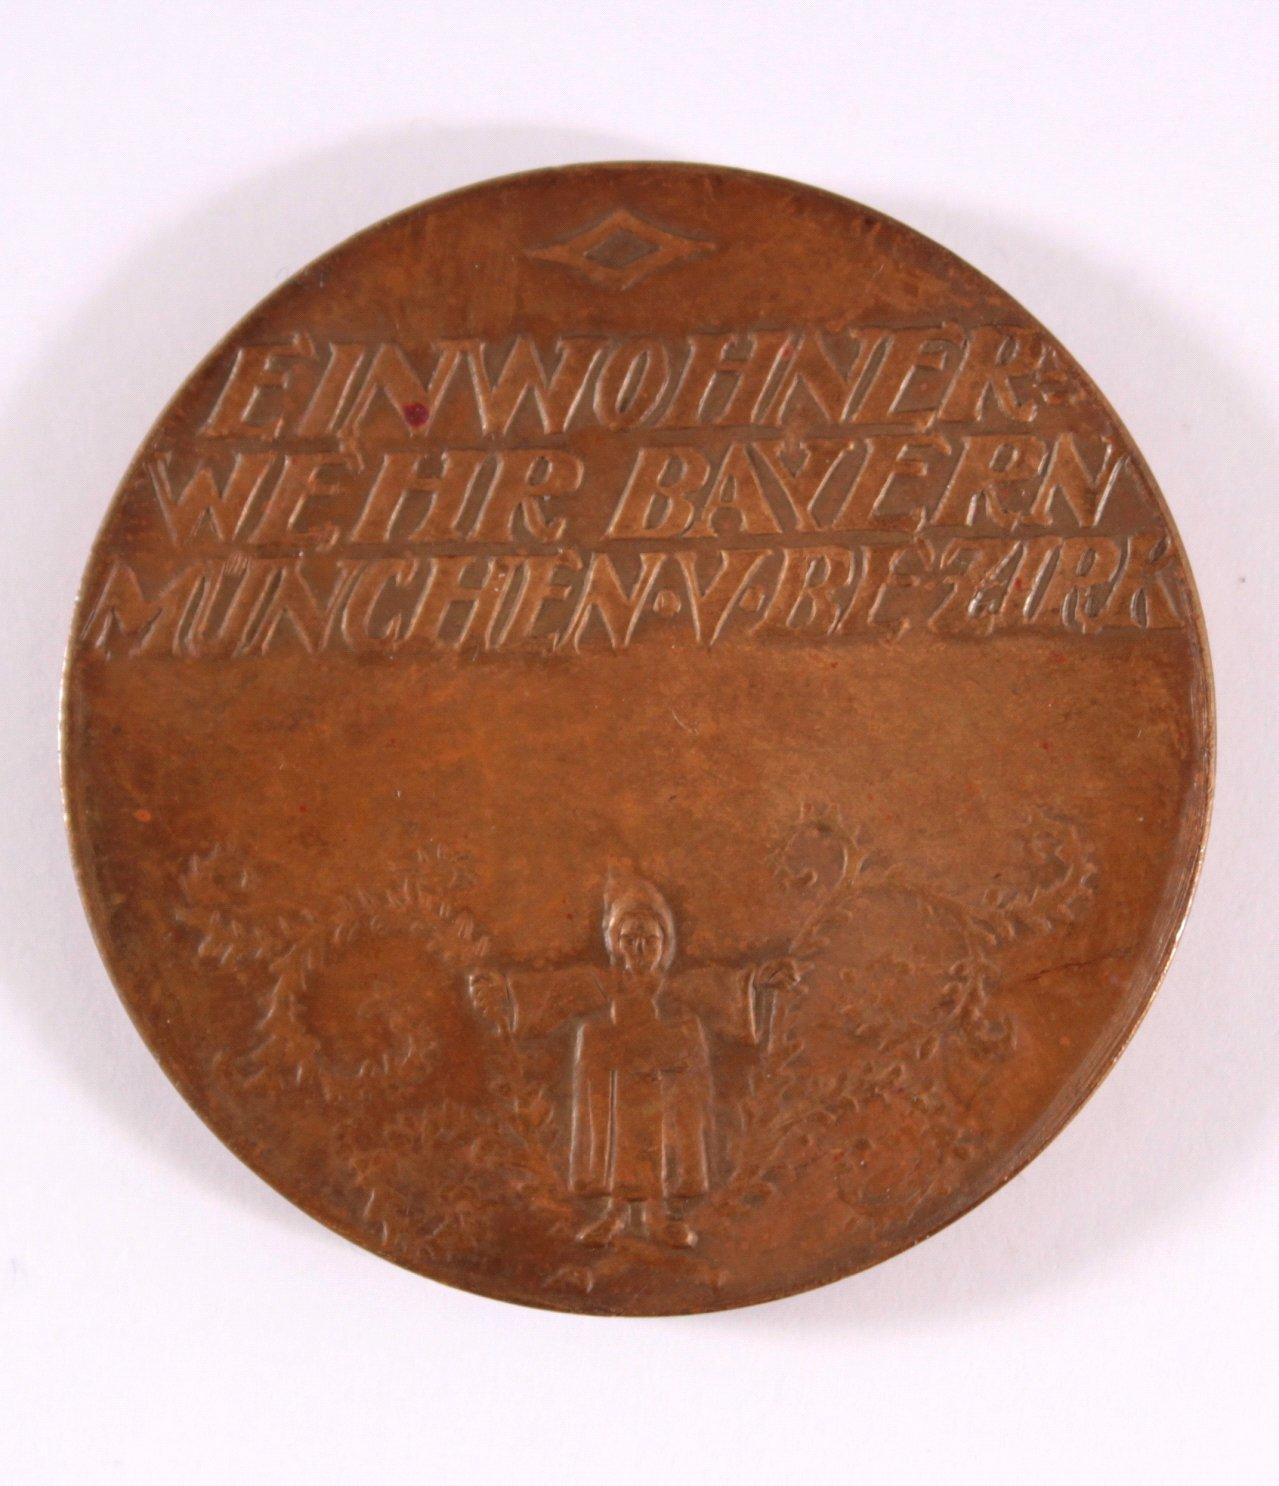 Medaille der Einwohner Bayern-1